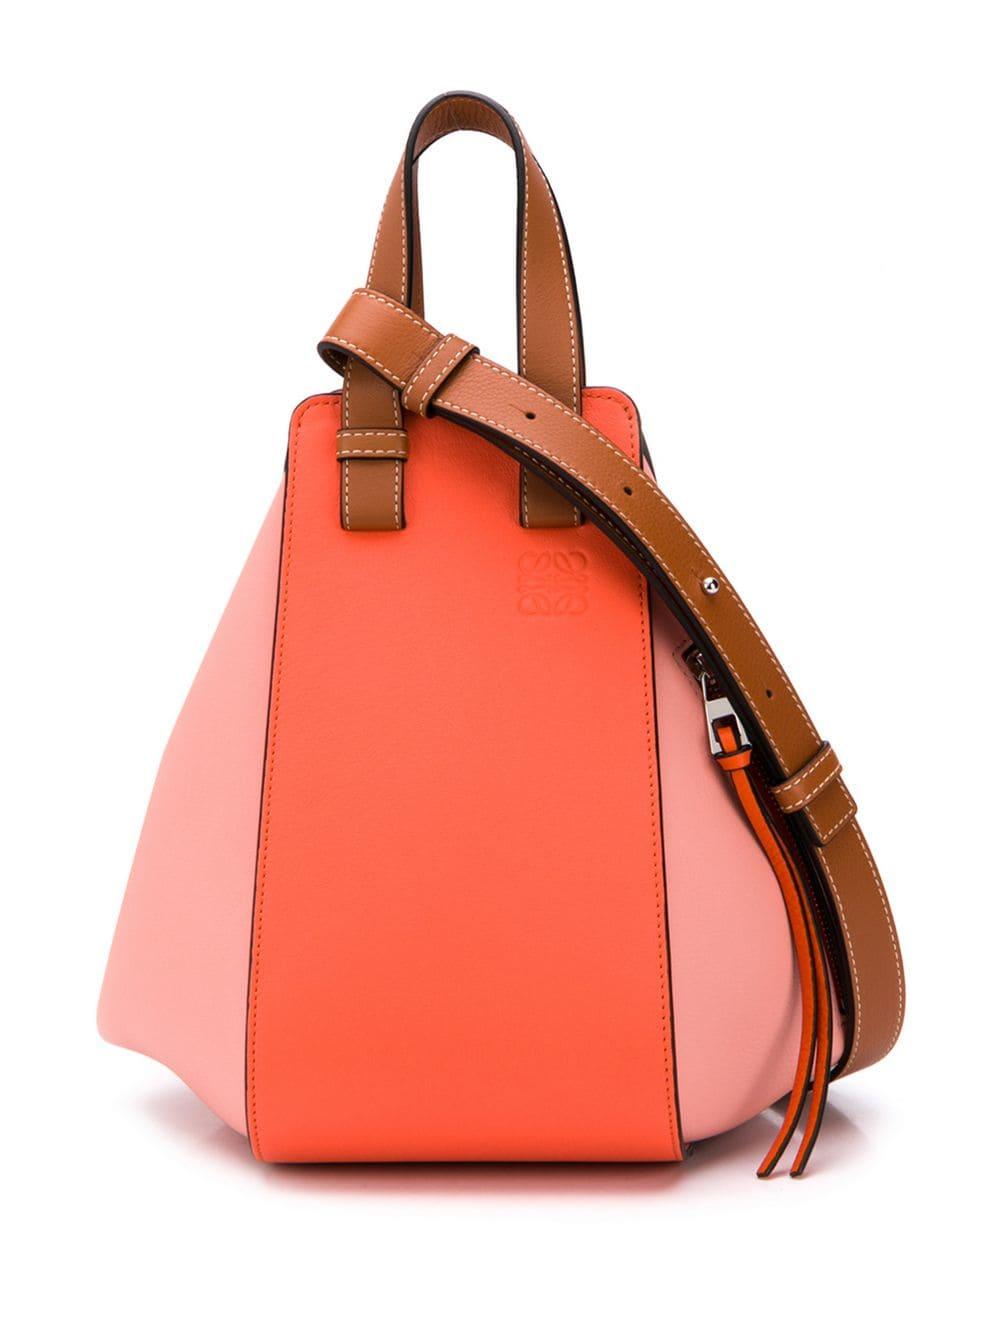 Loewe 'Hammock' Handtasche - Rosa